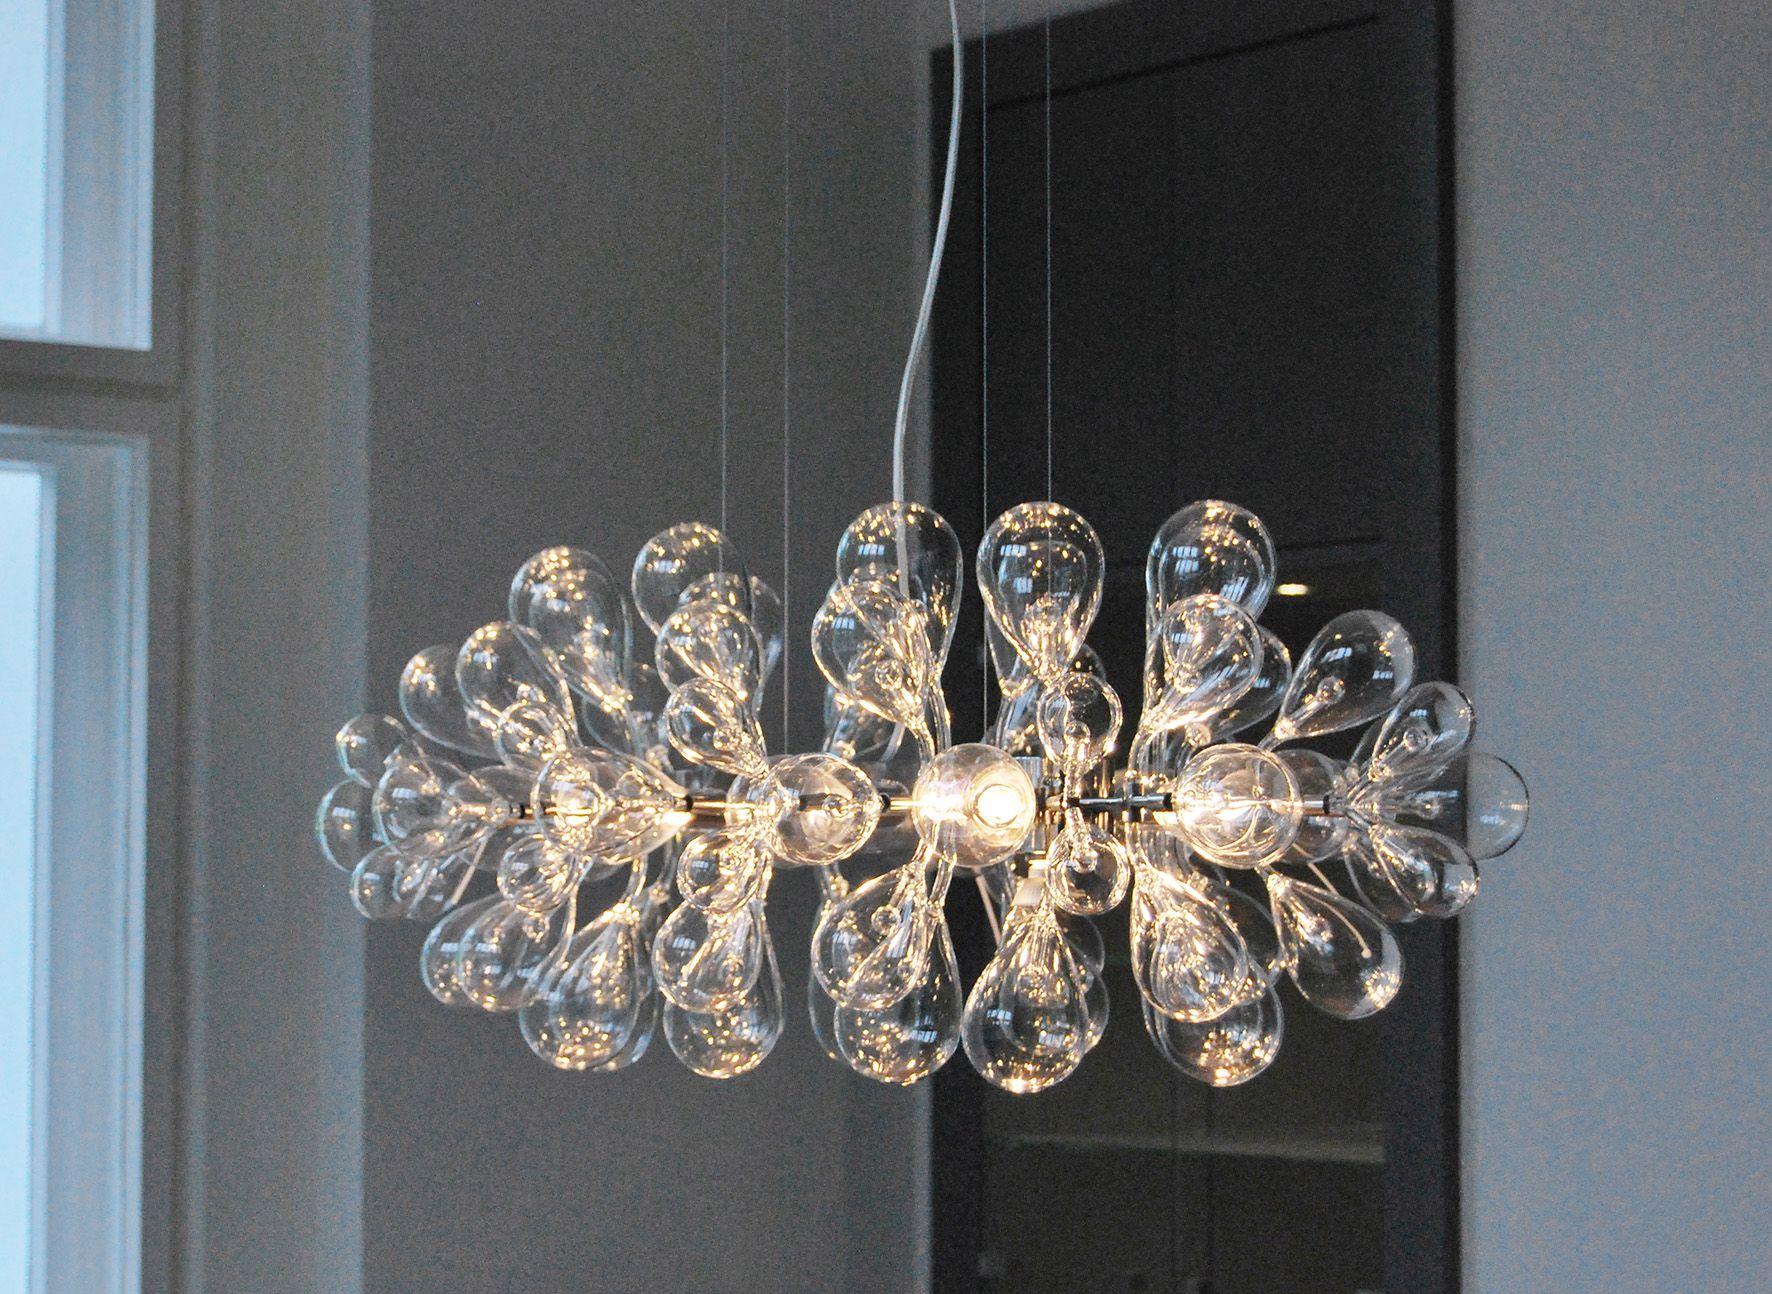 Blossom bespoke chandelierisabel hamm licht isabel hamm licht blossom bespoke chandelierisabel hamm licht arubaitofo Images